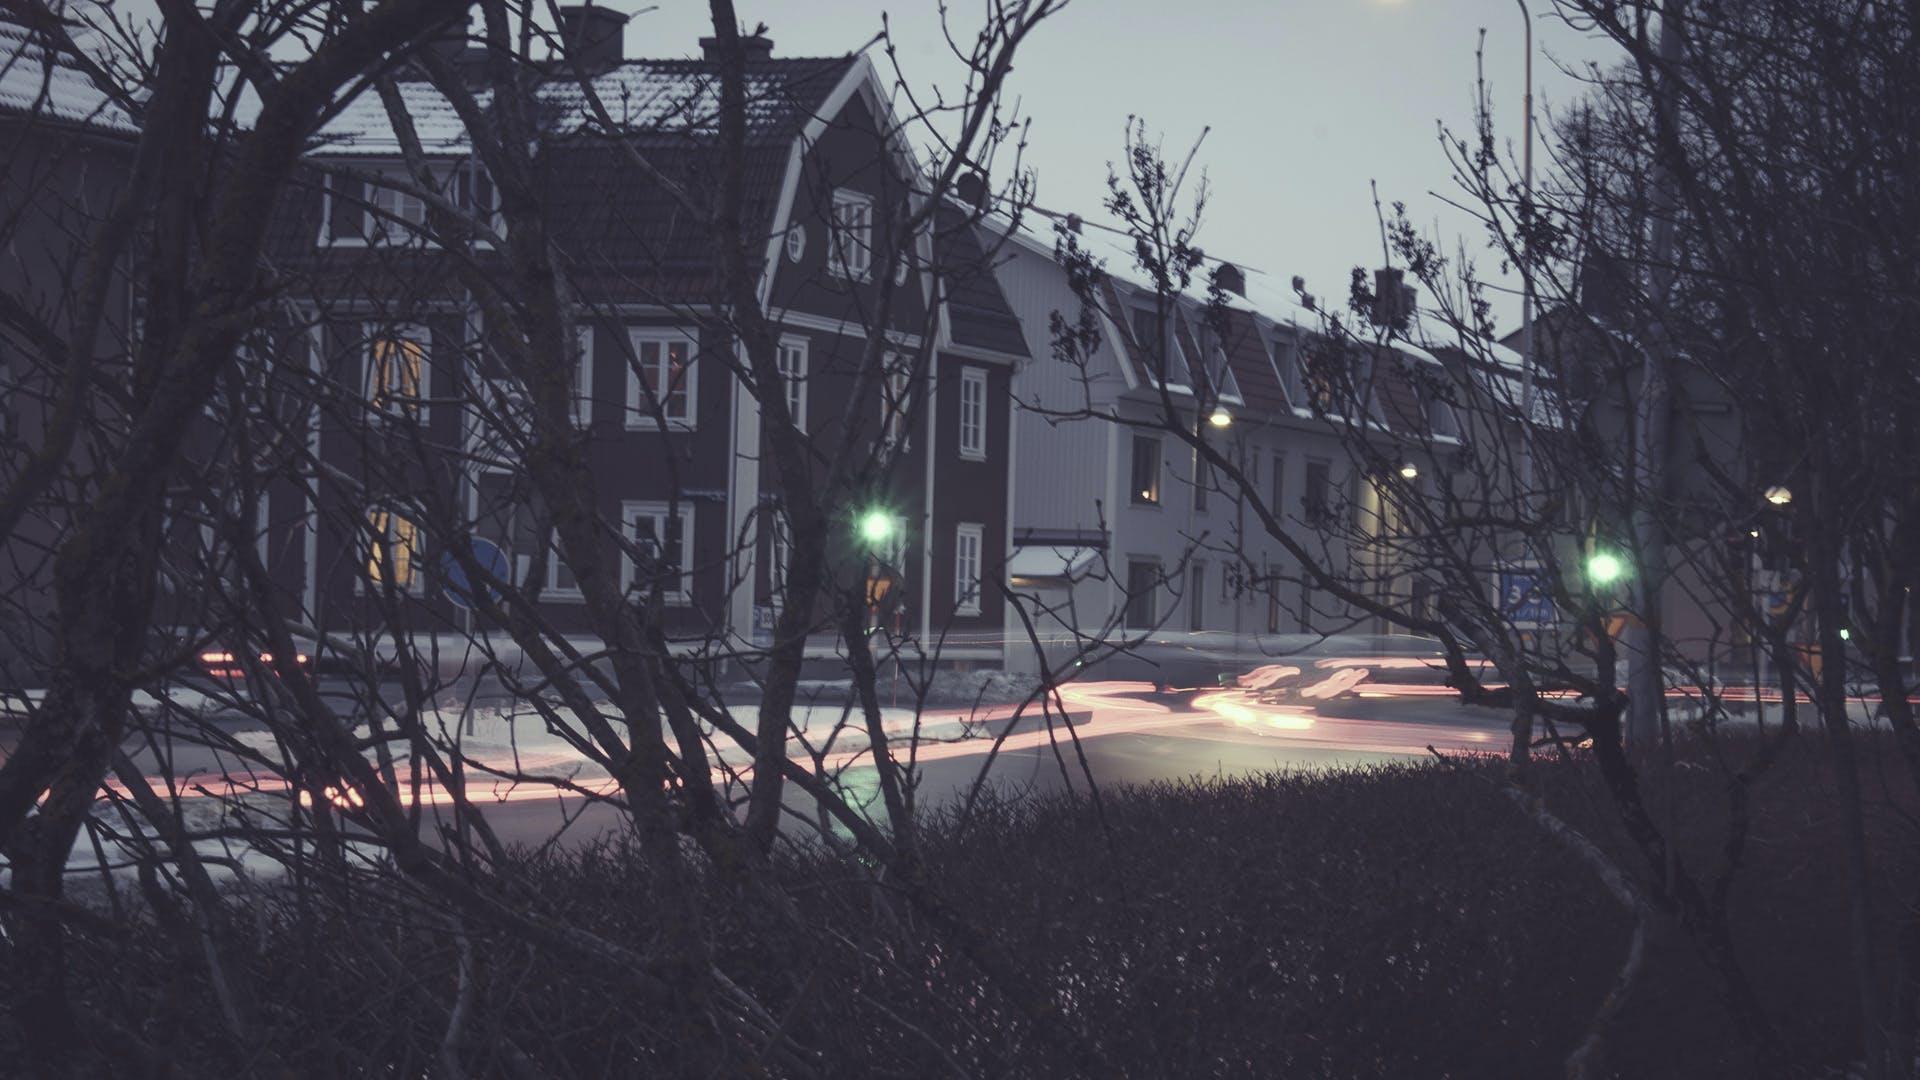 açık, ağaçlar, akşam, bina içeren Ücretsiz stok fotoğraf